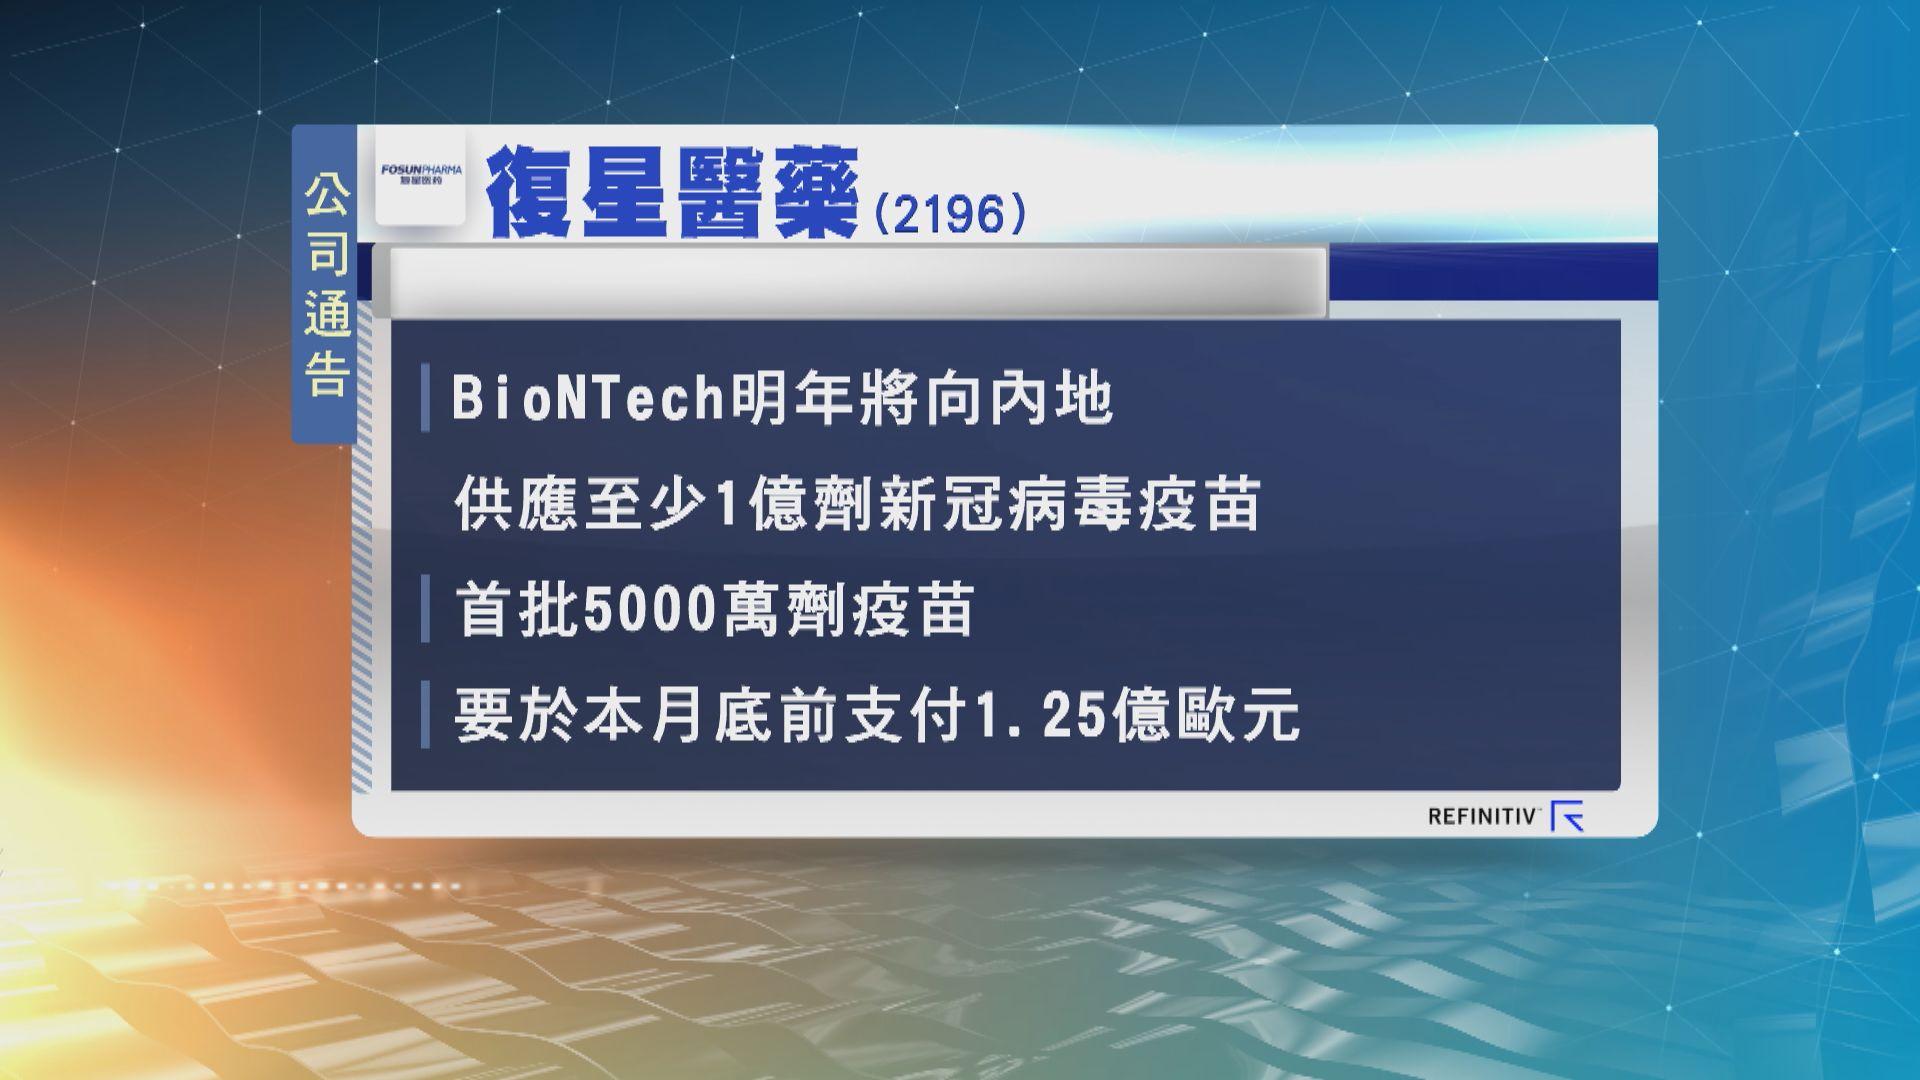 復星醫藥:BioNTech明年將向內地供應至少1億劑新冠疫苗